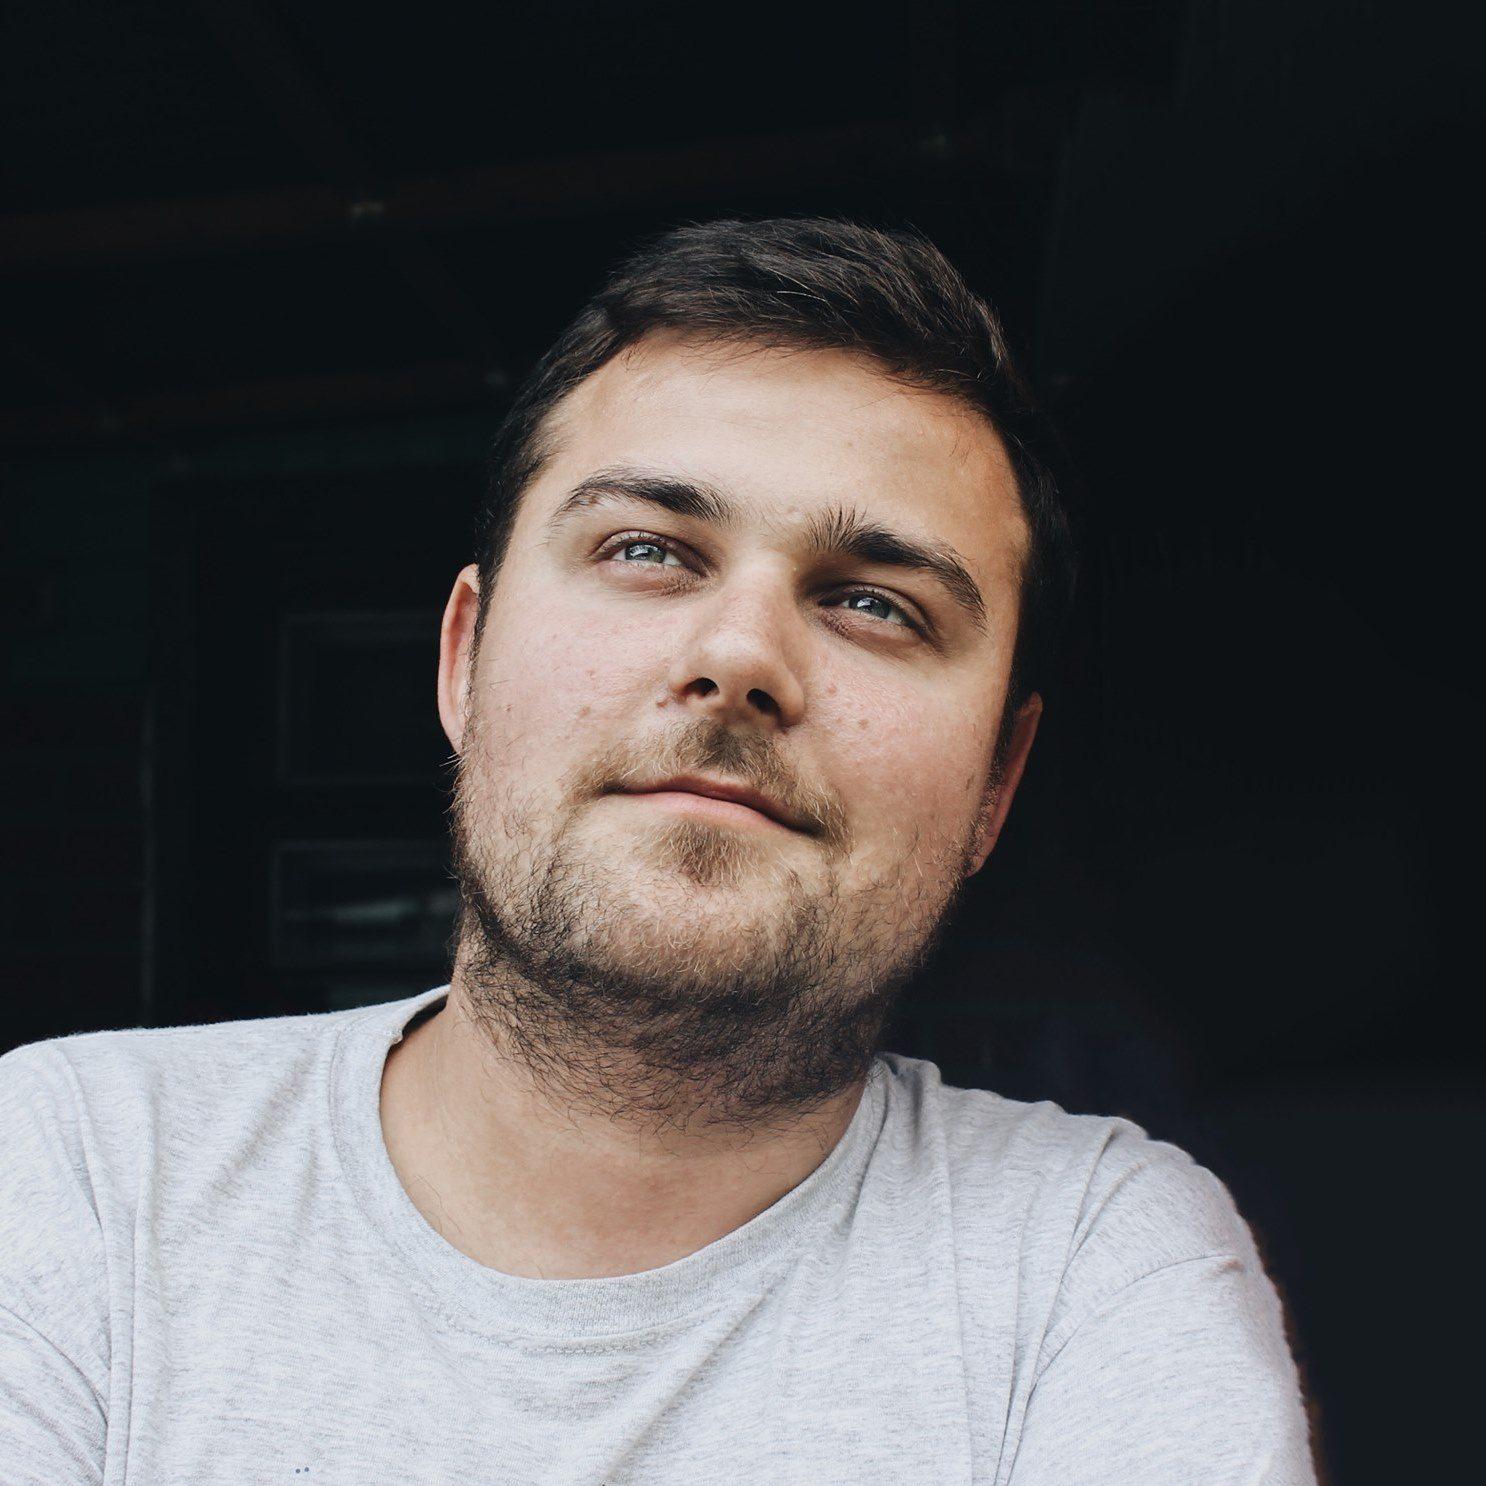 vitaliy ribak - <b>В Україні створили Центр протидії дезінформації.</b> Навіщо він потрібен та як працюватиме? - Заборона